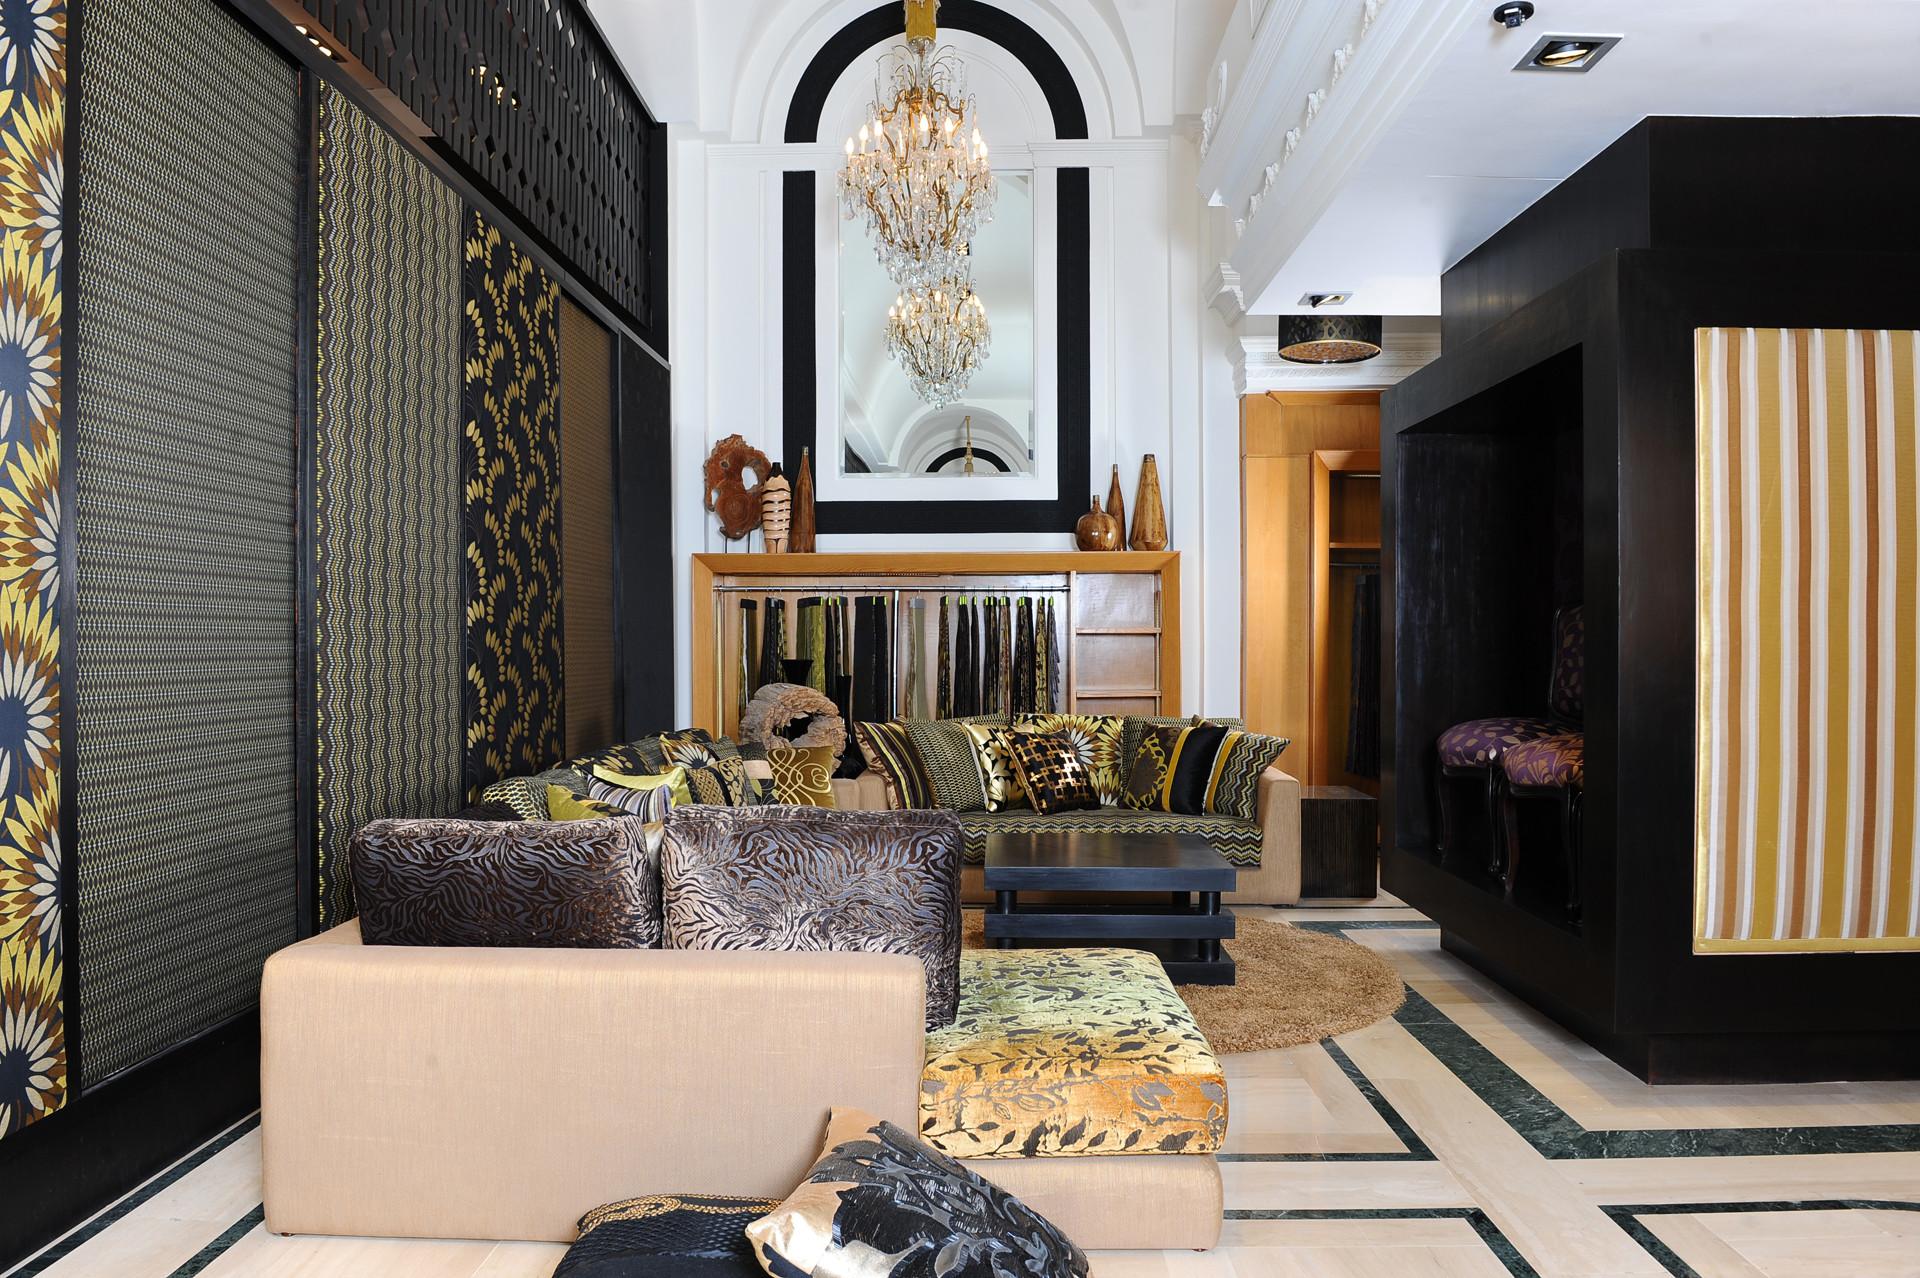 Wisp-Architects- Odysseé Store Casablanca 4